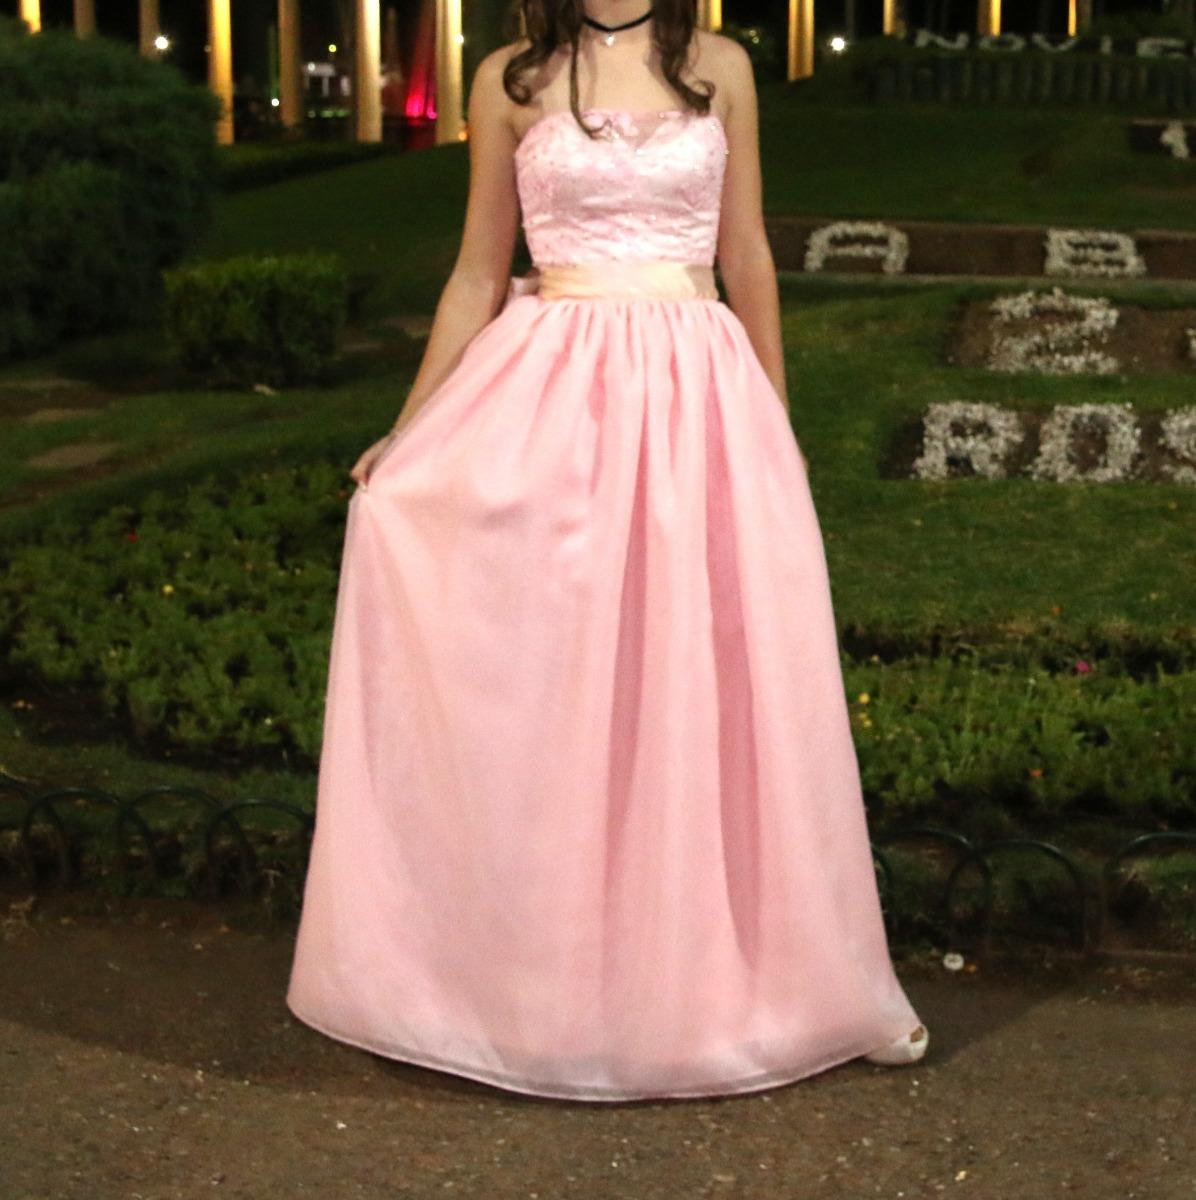 252b7f2b0 Vestidos de noche usados sps - Vestidos mujer